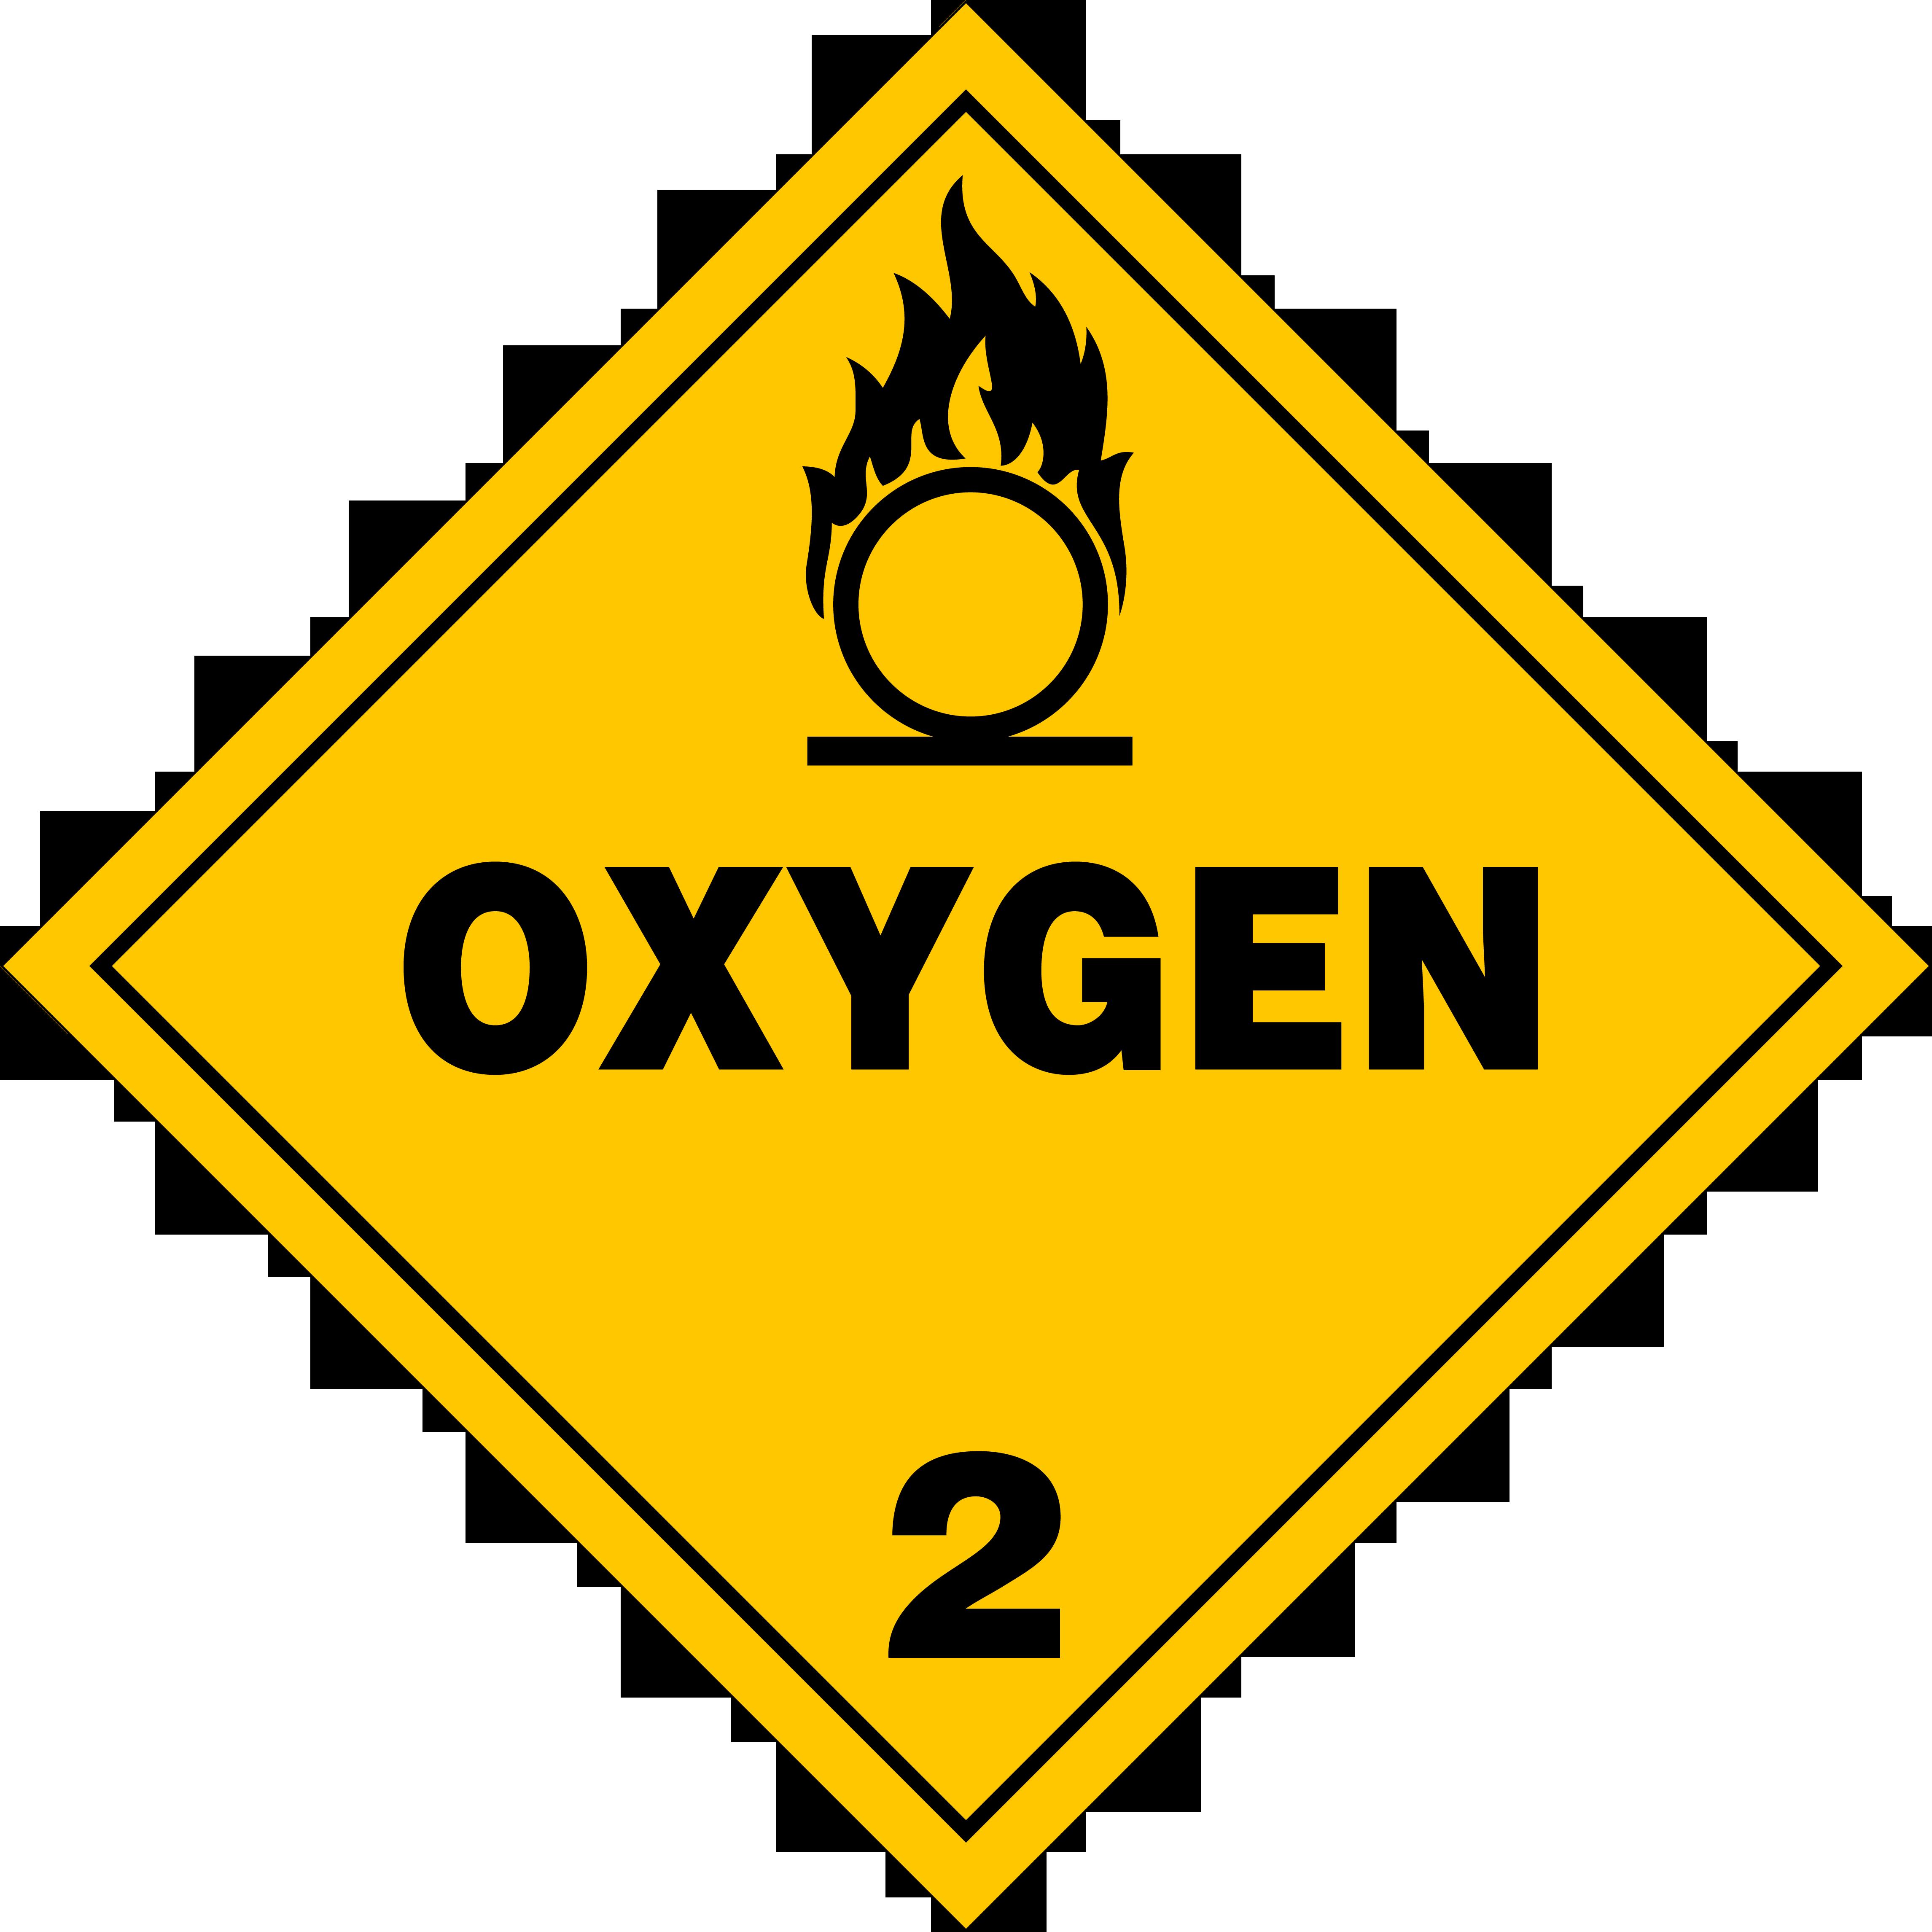 Oxygen clip art free images clipart